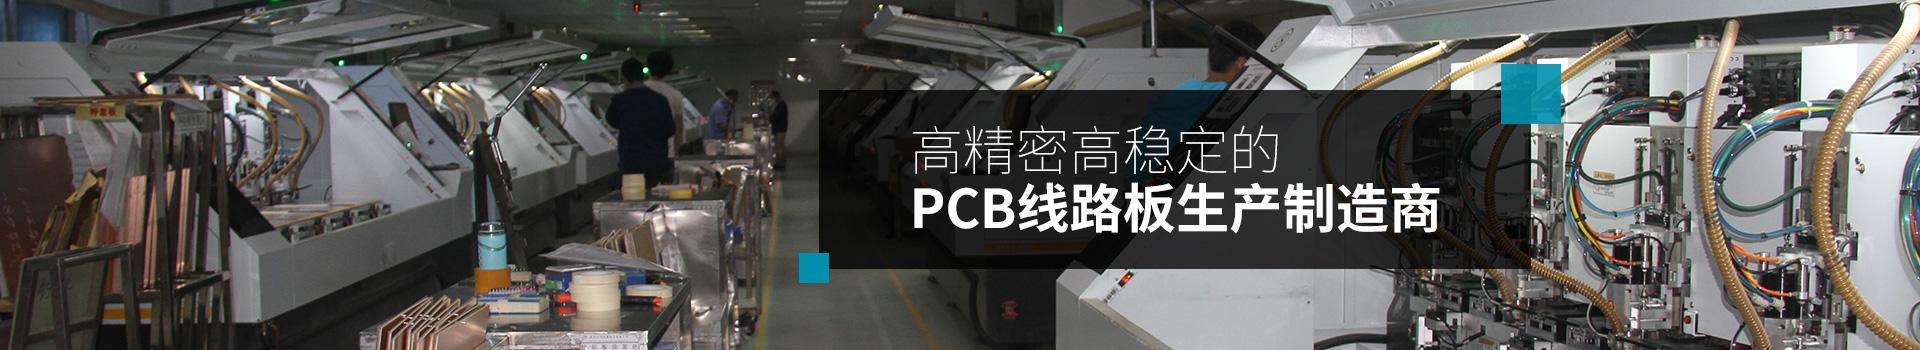 同创鑫-高精密高稳定的PCB线路板生产制造商